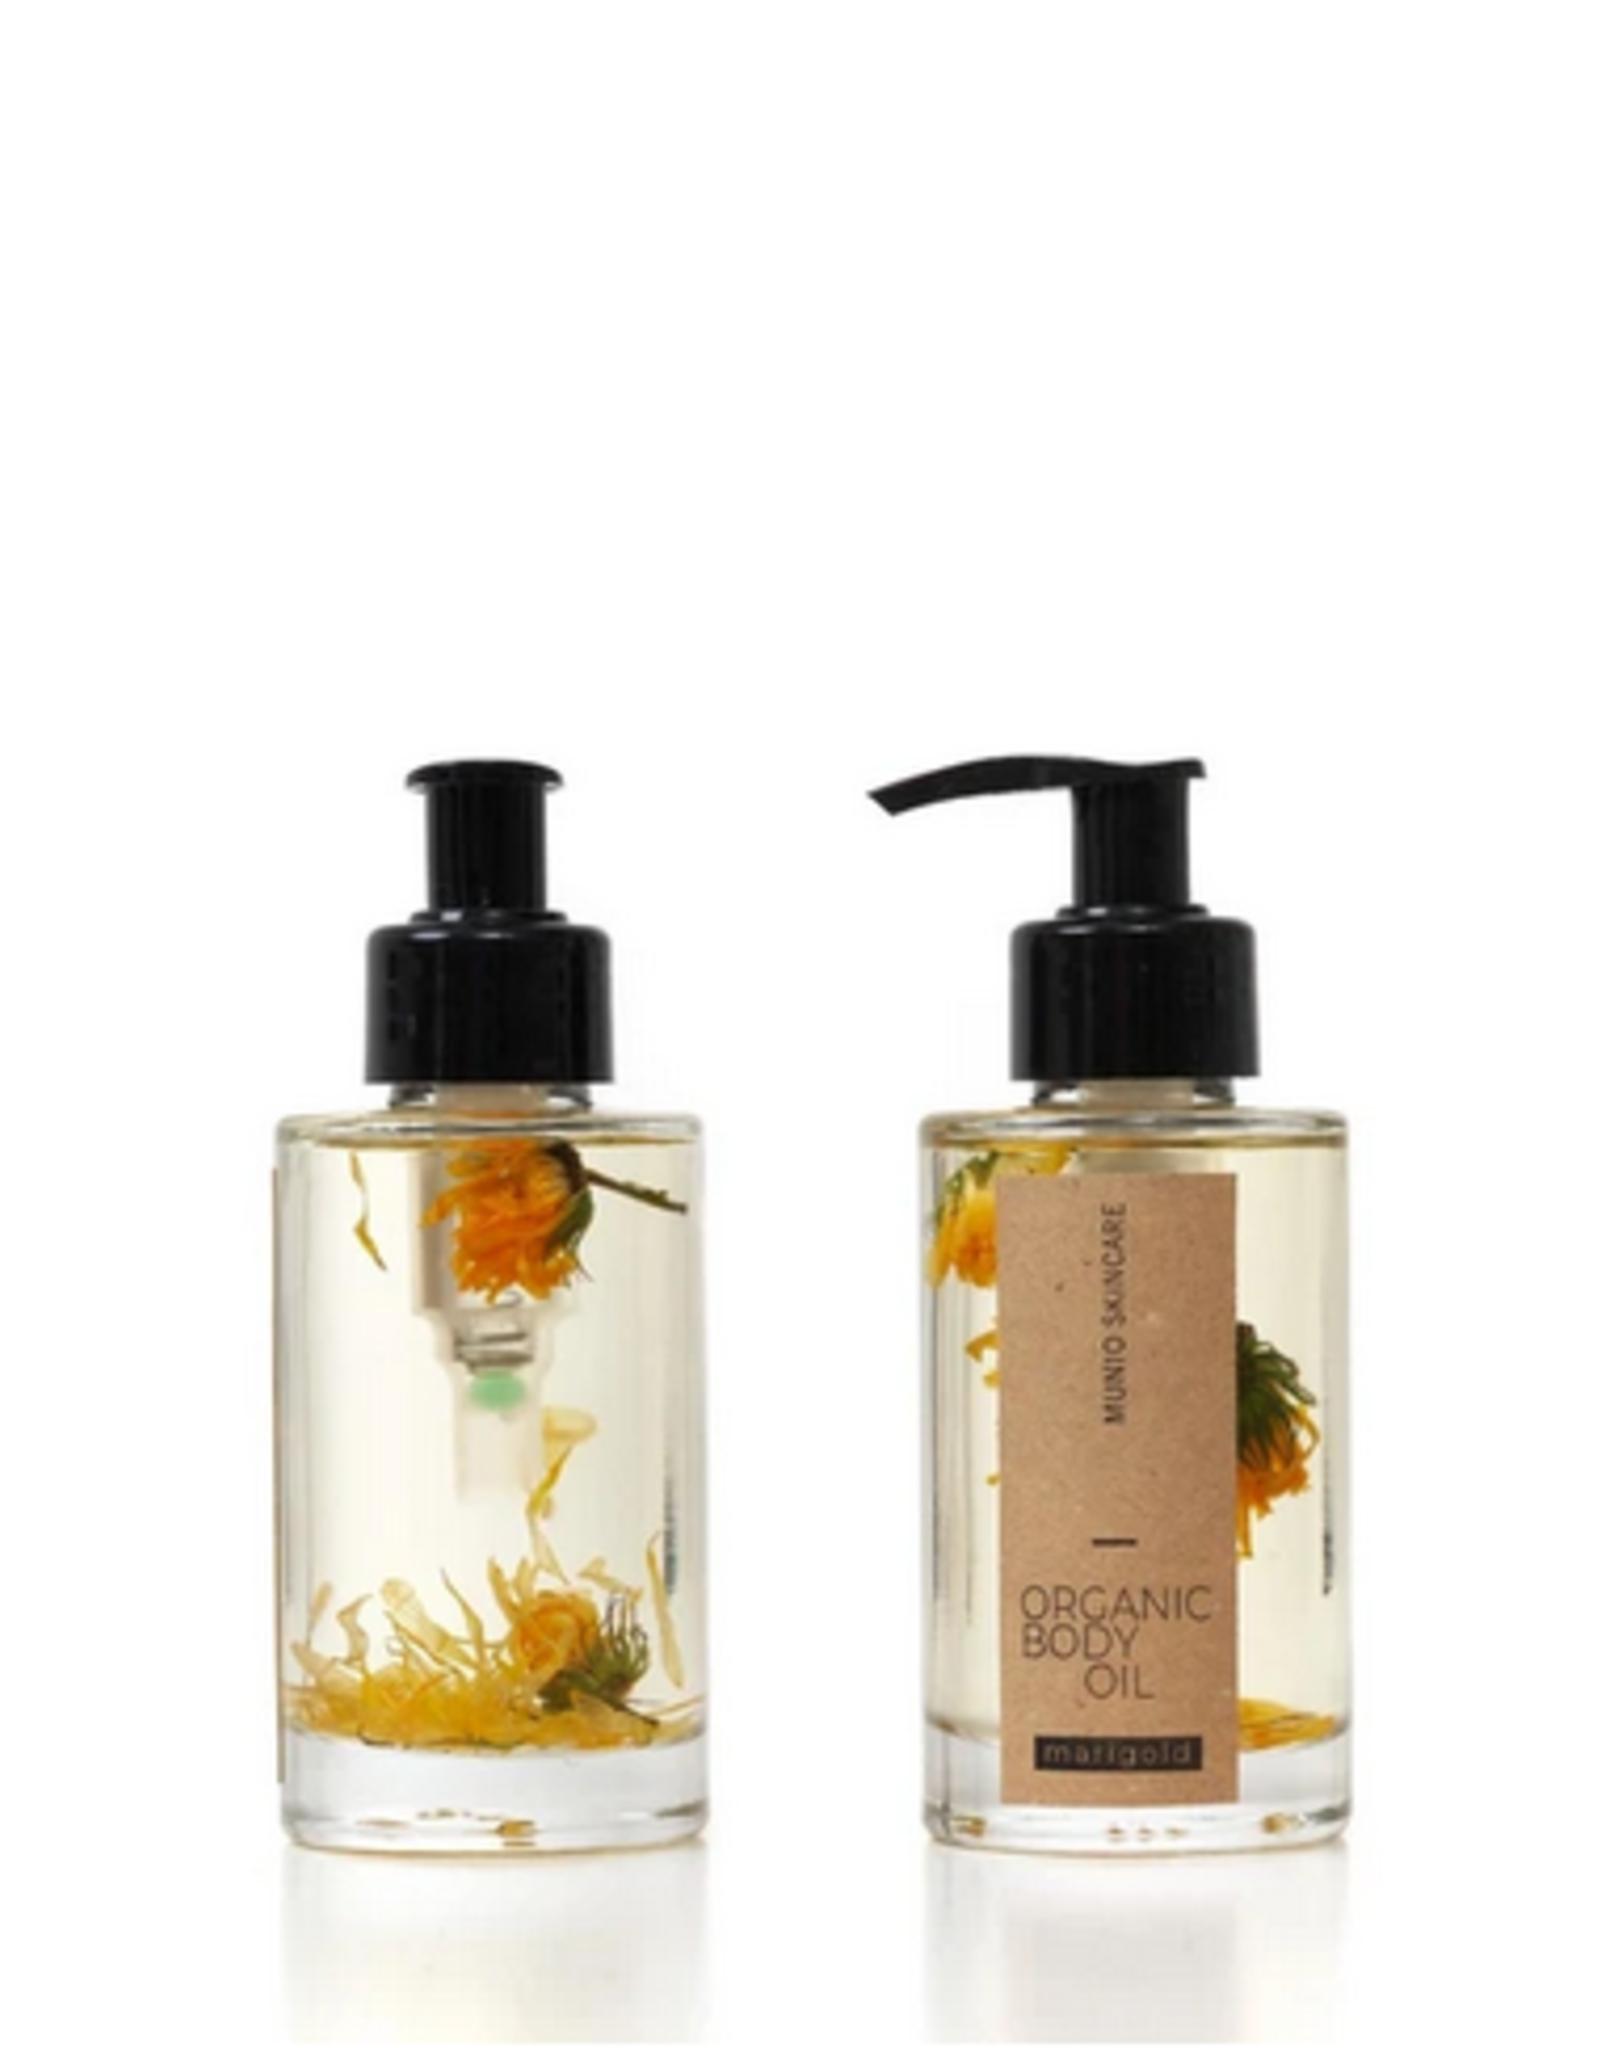 The Munio Body oil Marigold